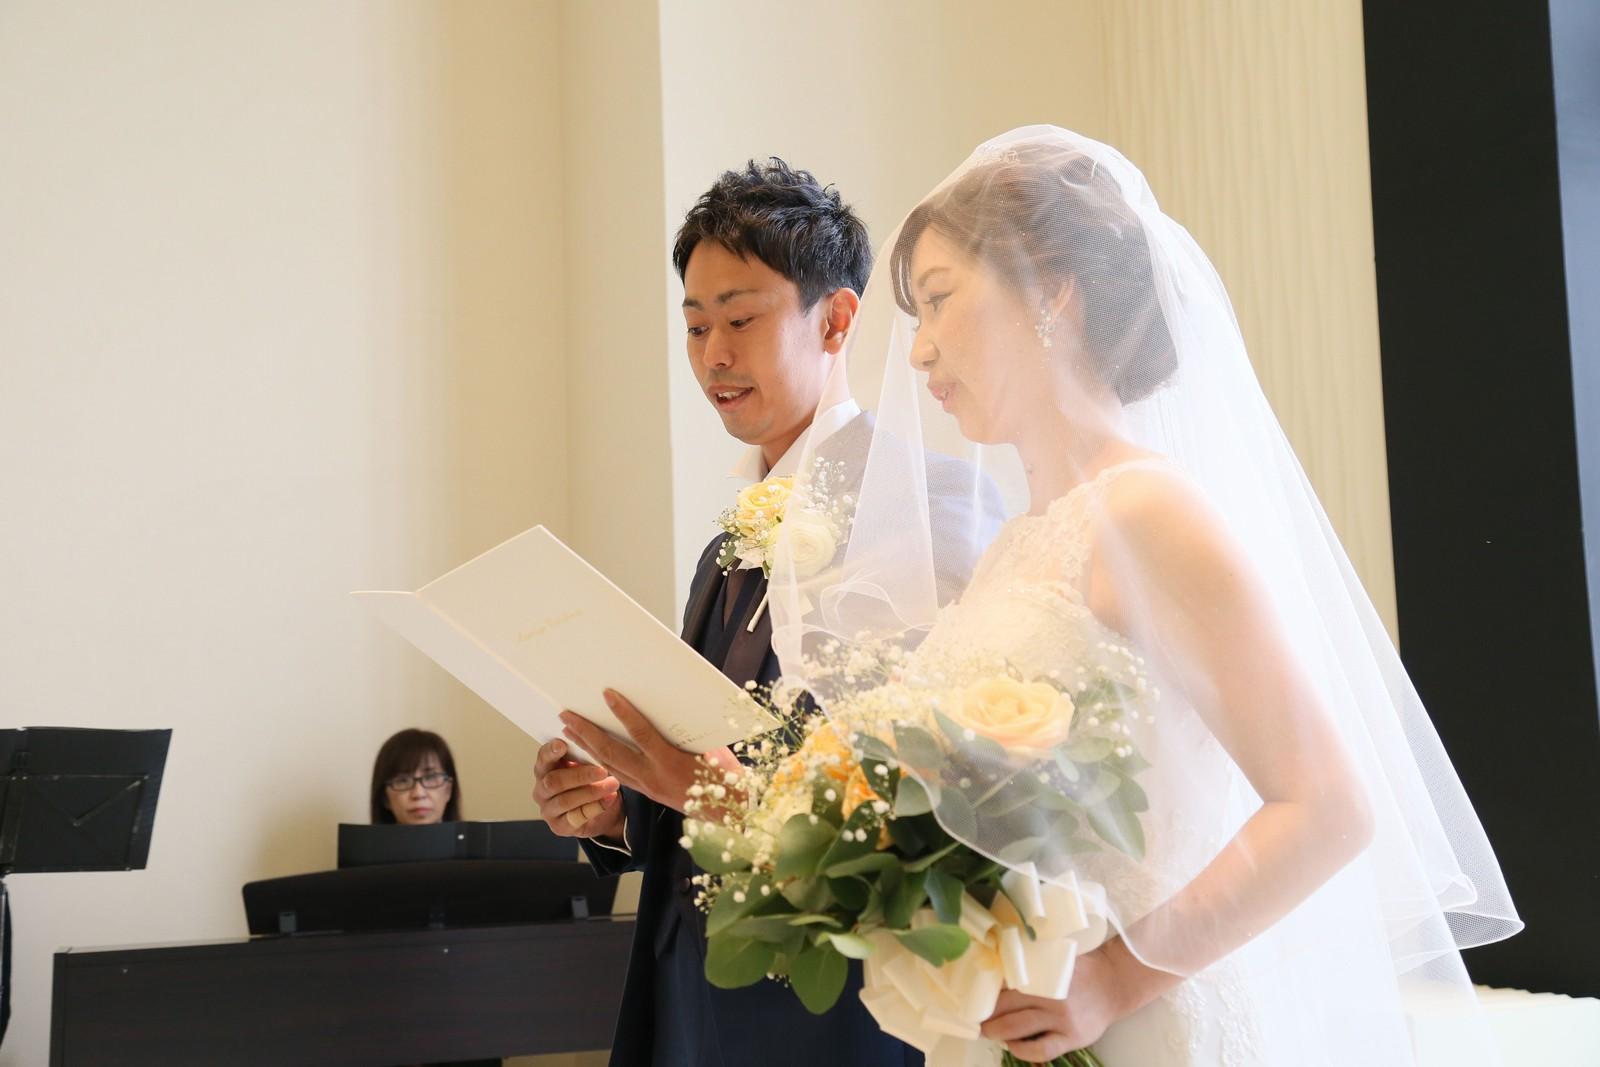 高松市の結婚式場アイルバレクラブの結婚式 お二人の将来を誓う、誓いの言葉